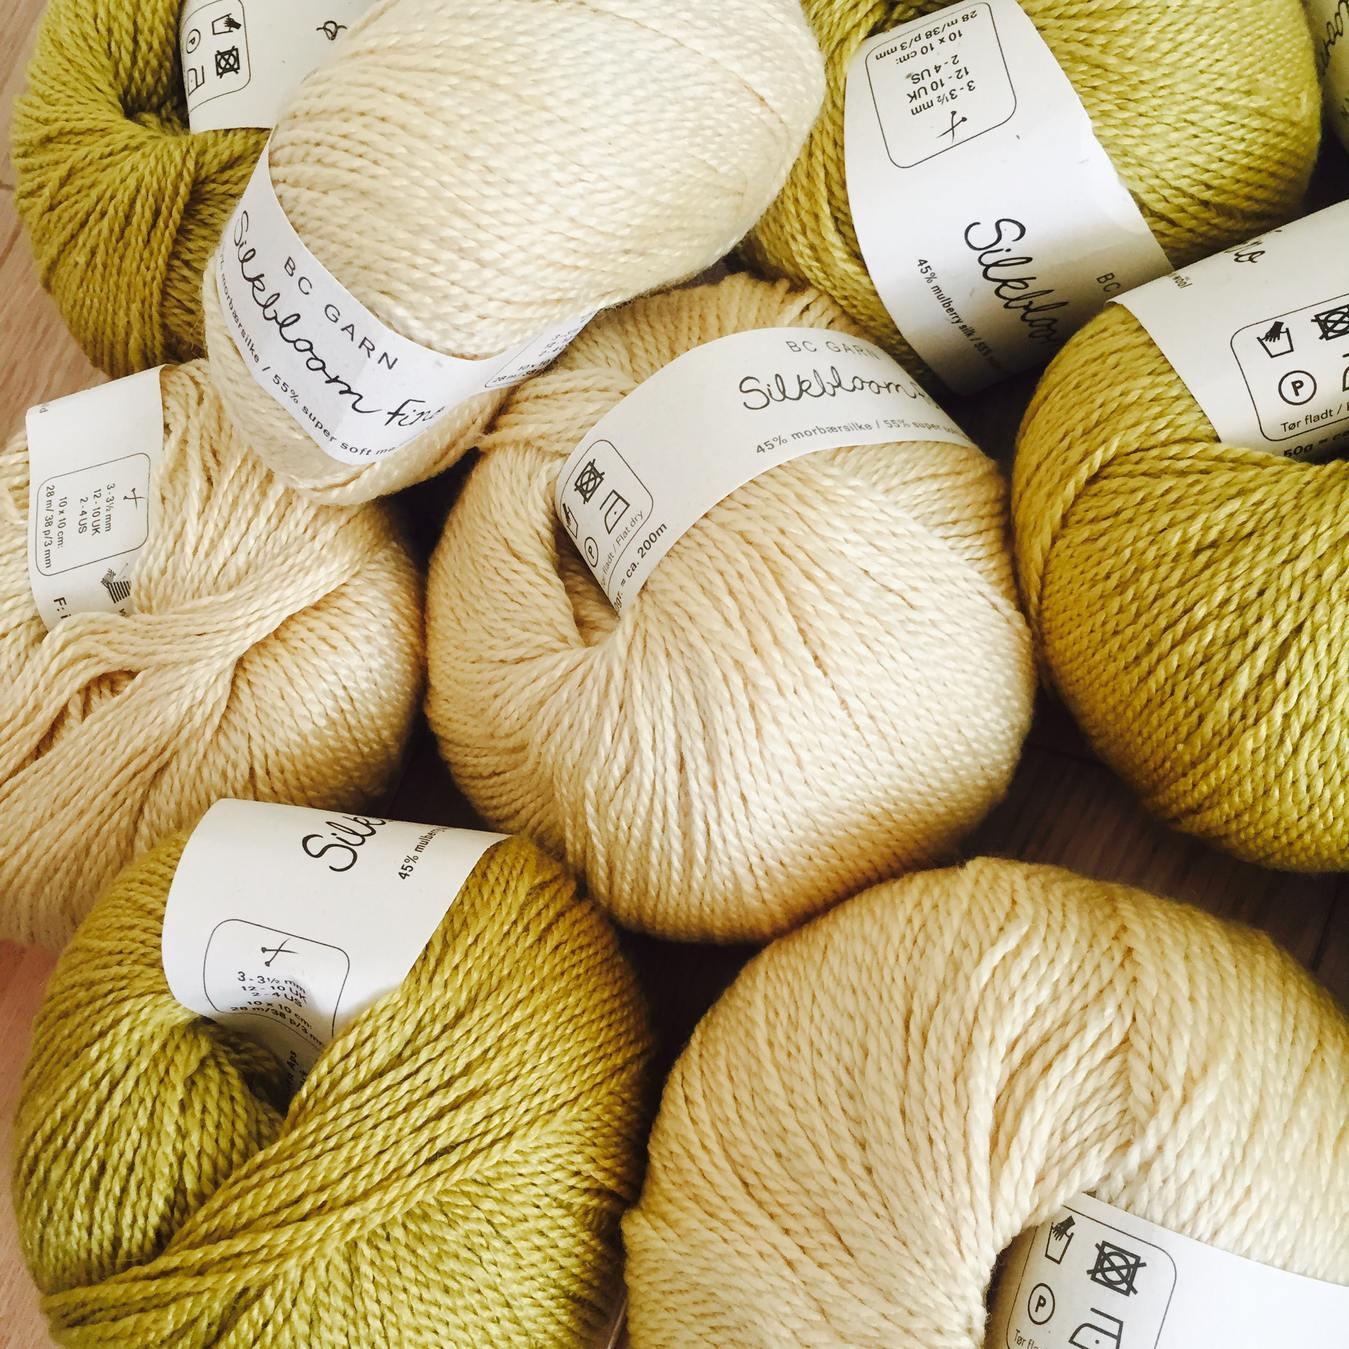 fascio di gomitoli di lana di diversi colori